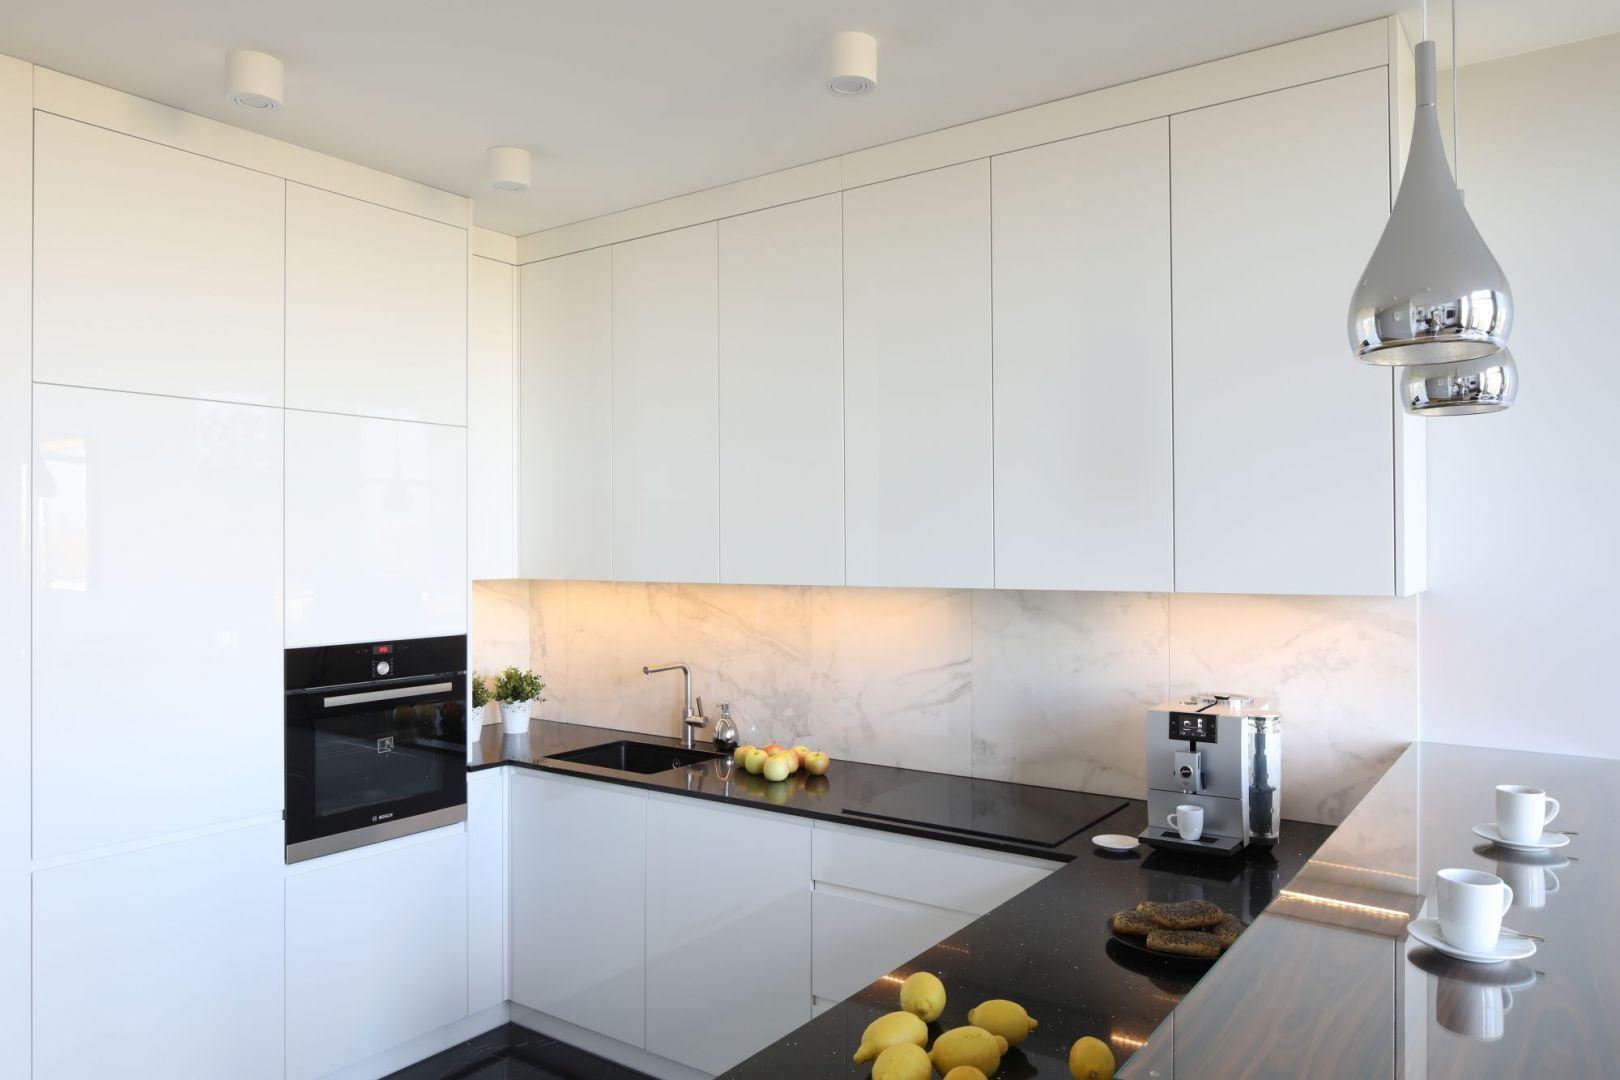 Sciana Nad Blatem 20 Pieknych Zdjec Kuchni Galeria Dobrzemieszkaj Pl Kitchen Cabinets Kitchen Flat Design